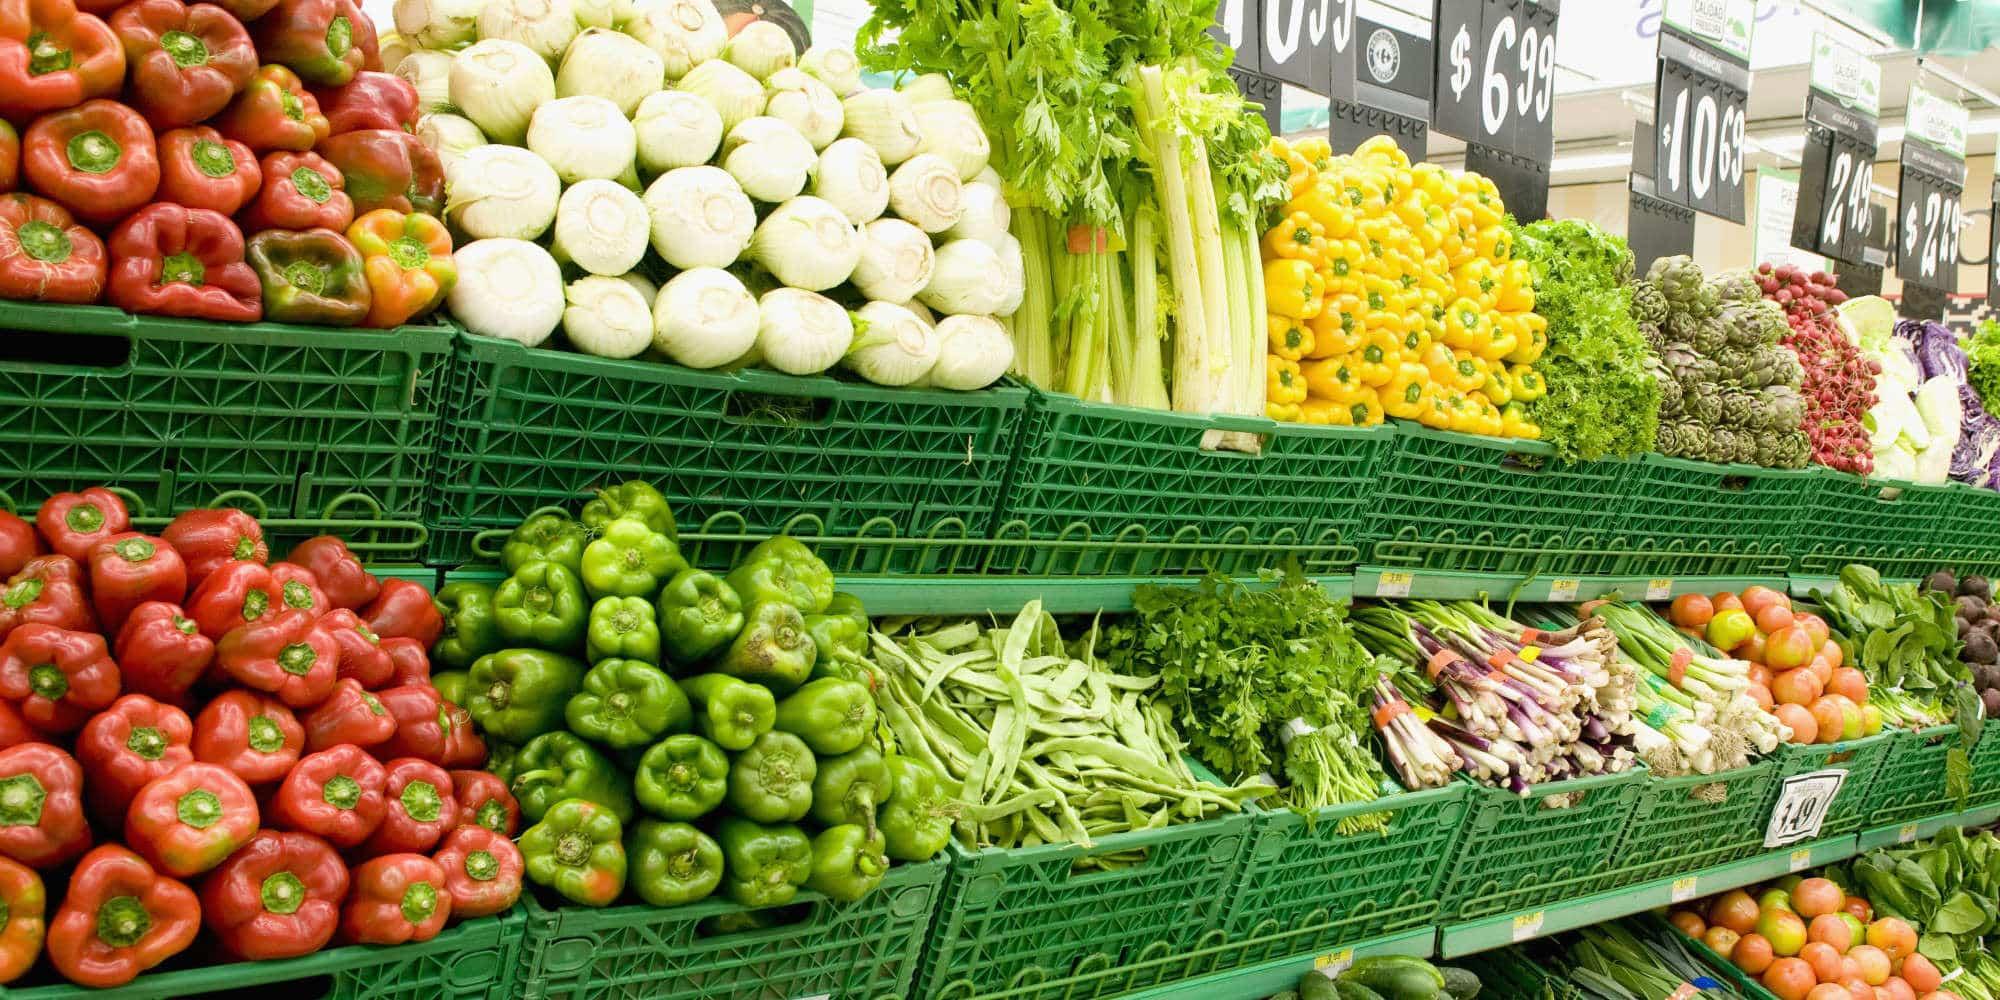 frutta e verdura sugli scaffali